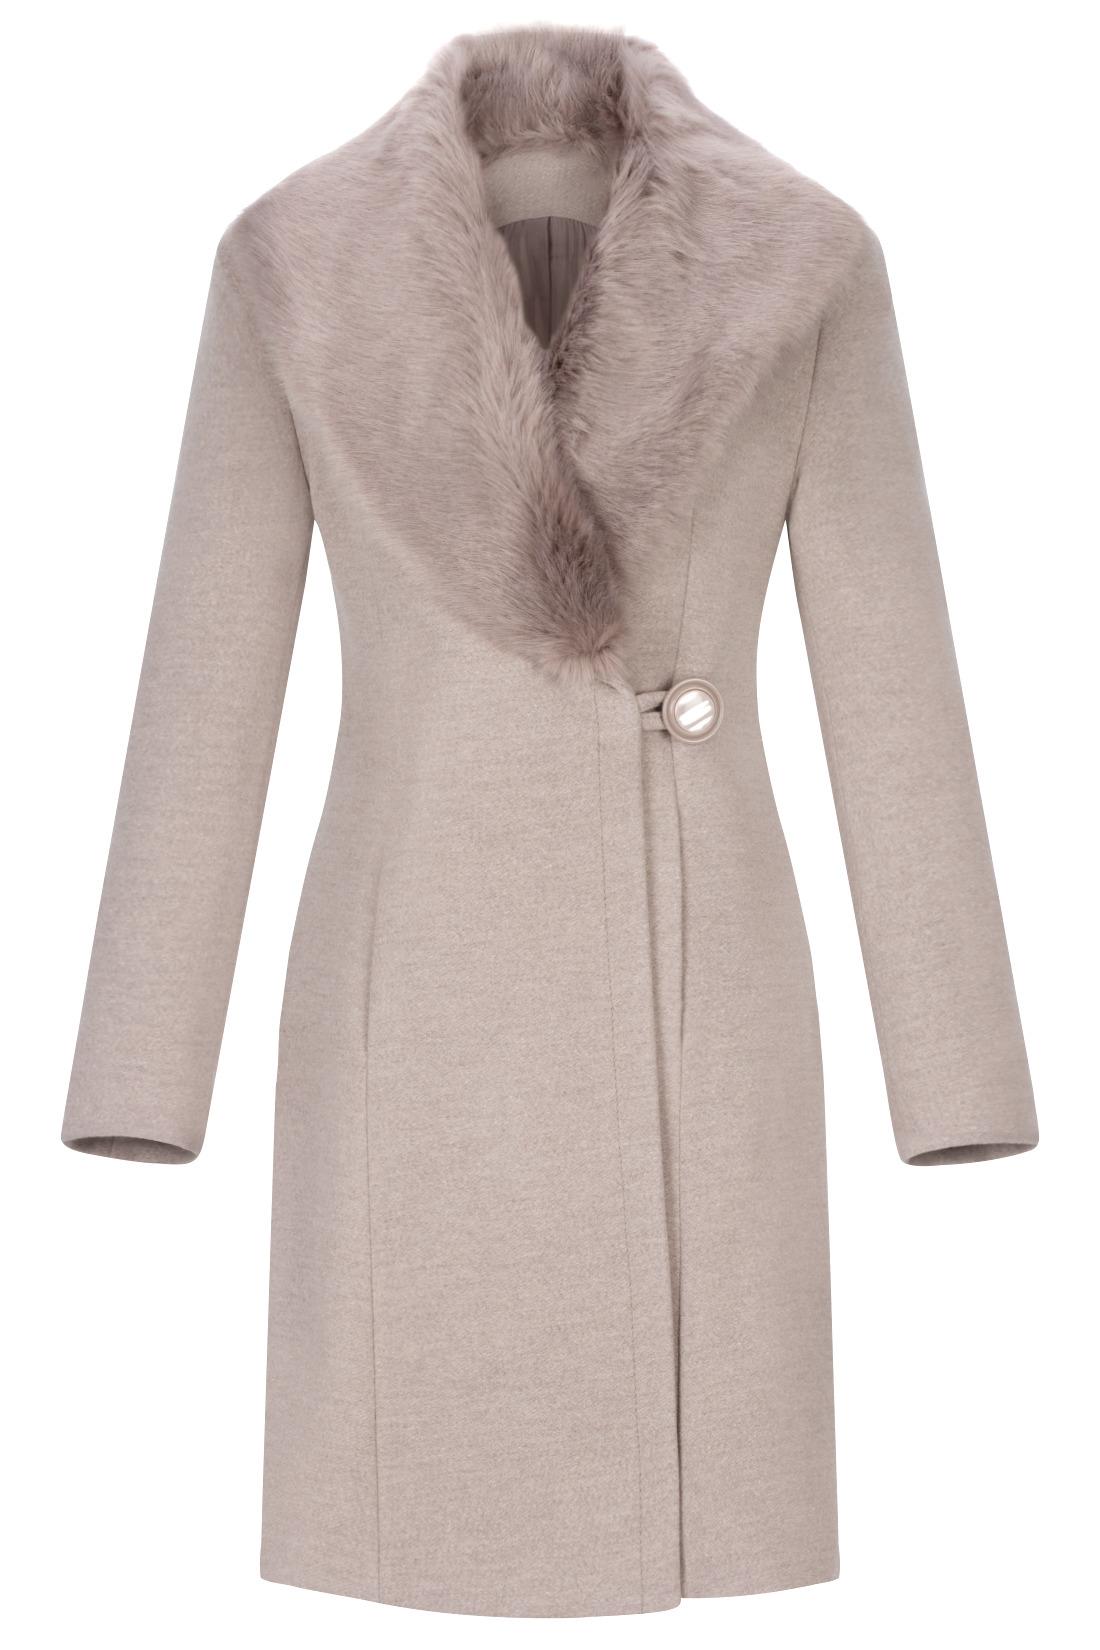 binin Box® Damski płaszcz zimowy płaszcz kurtka puchowa pikowana kurtka kurtka puchowa z kapturem sierść parka Lang BDSY2Y. Mäntel. Zamknięcie: zamek błyskawiczny Nasz model ma rozmiar korpusu: cm (82/66/98); nasza modla nosi rozmiar: m.